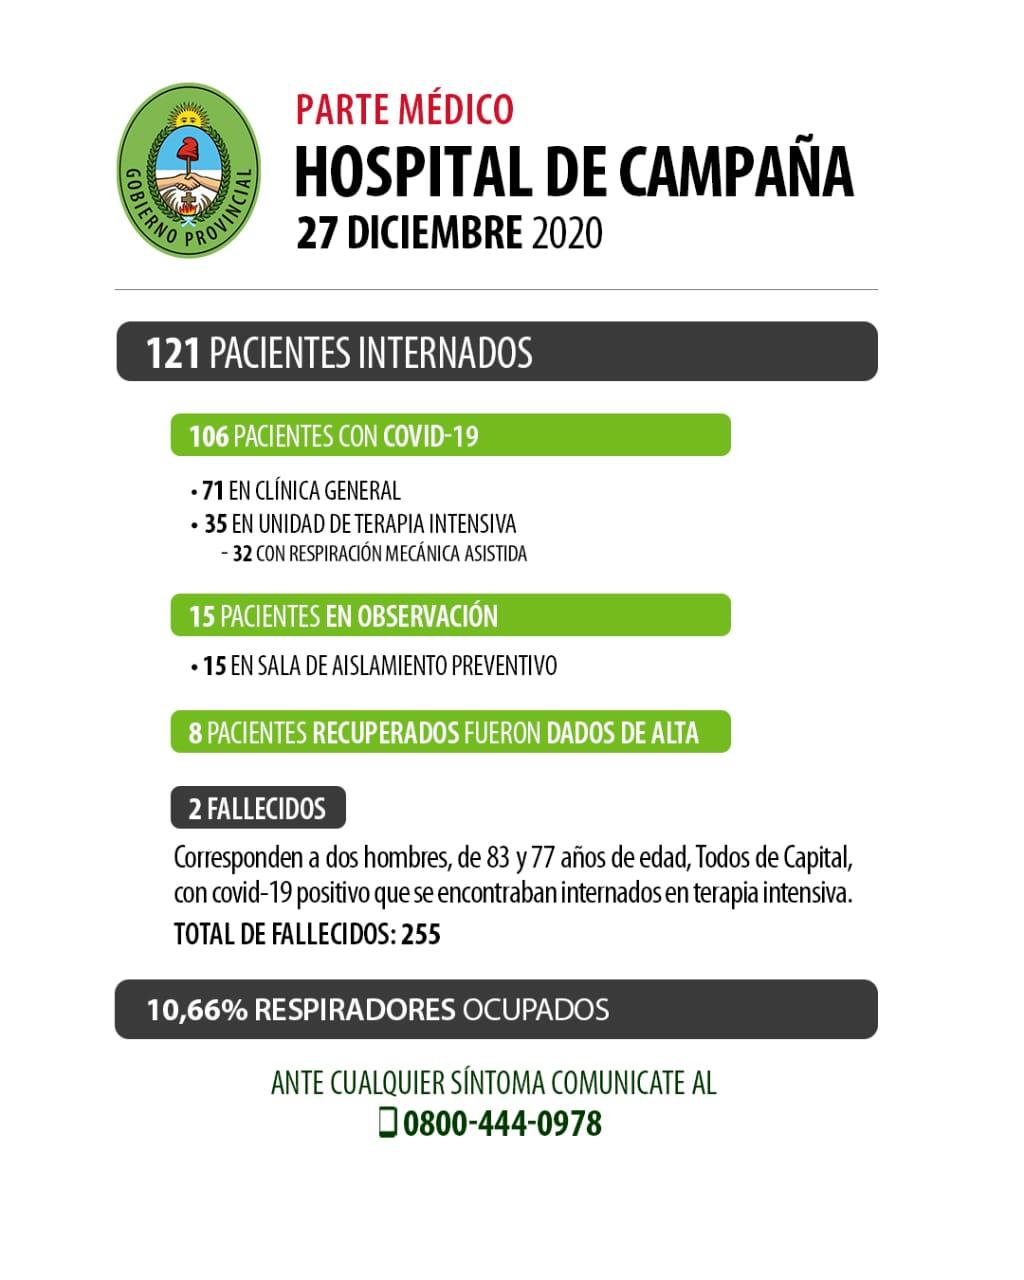 Se recuperaron 8 pacientes en el Hospital de Campaña y fallecieron 2 personas con Covid-19